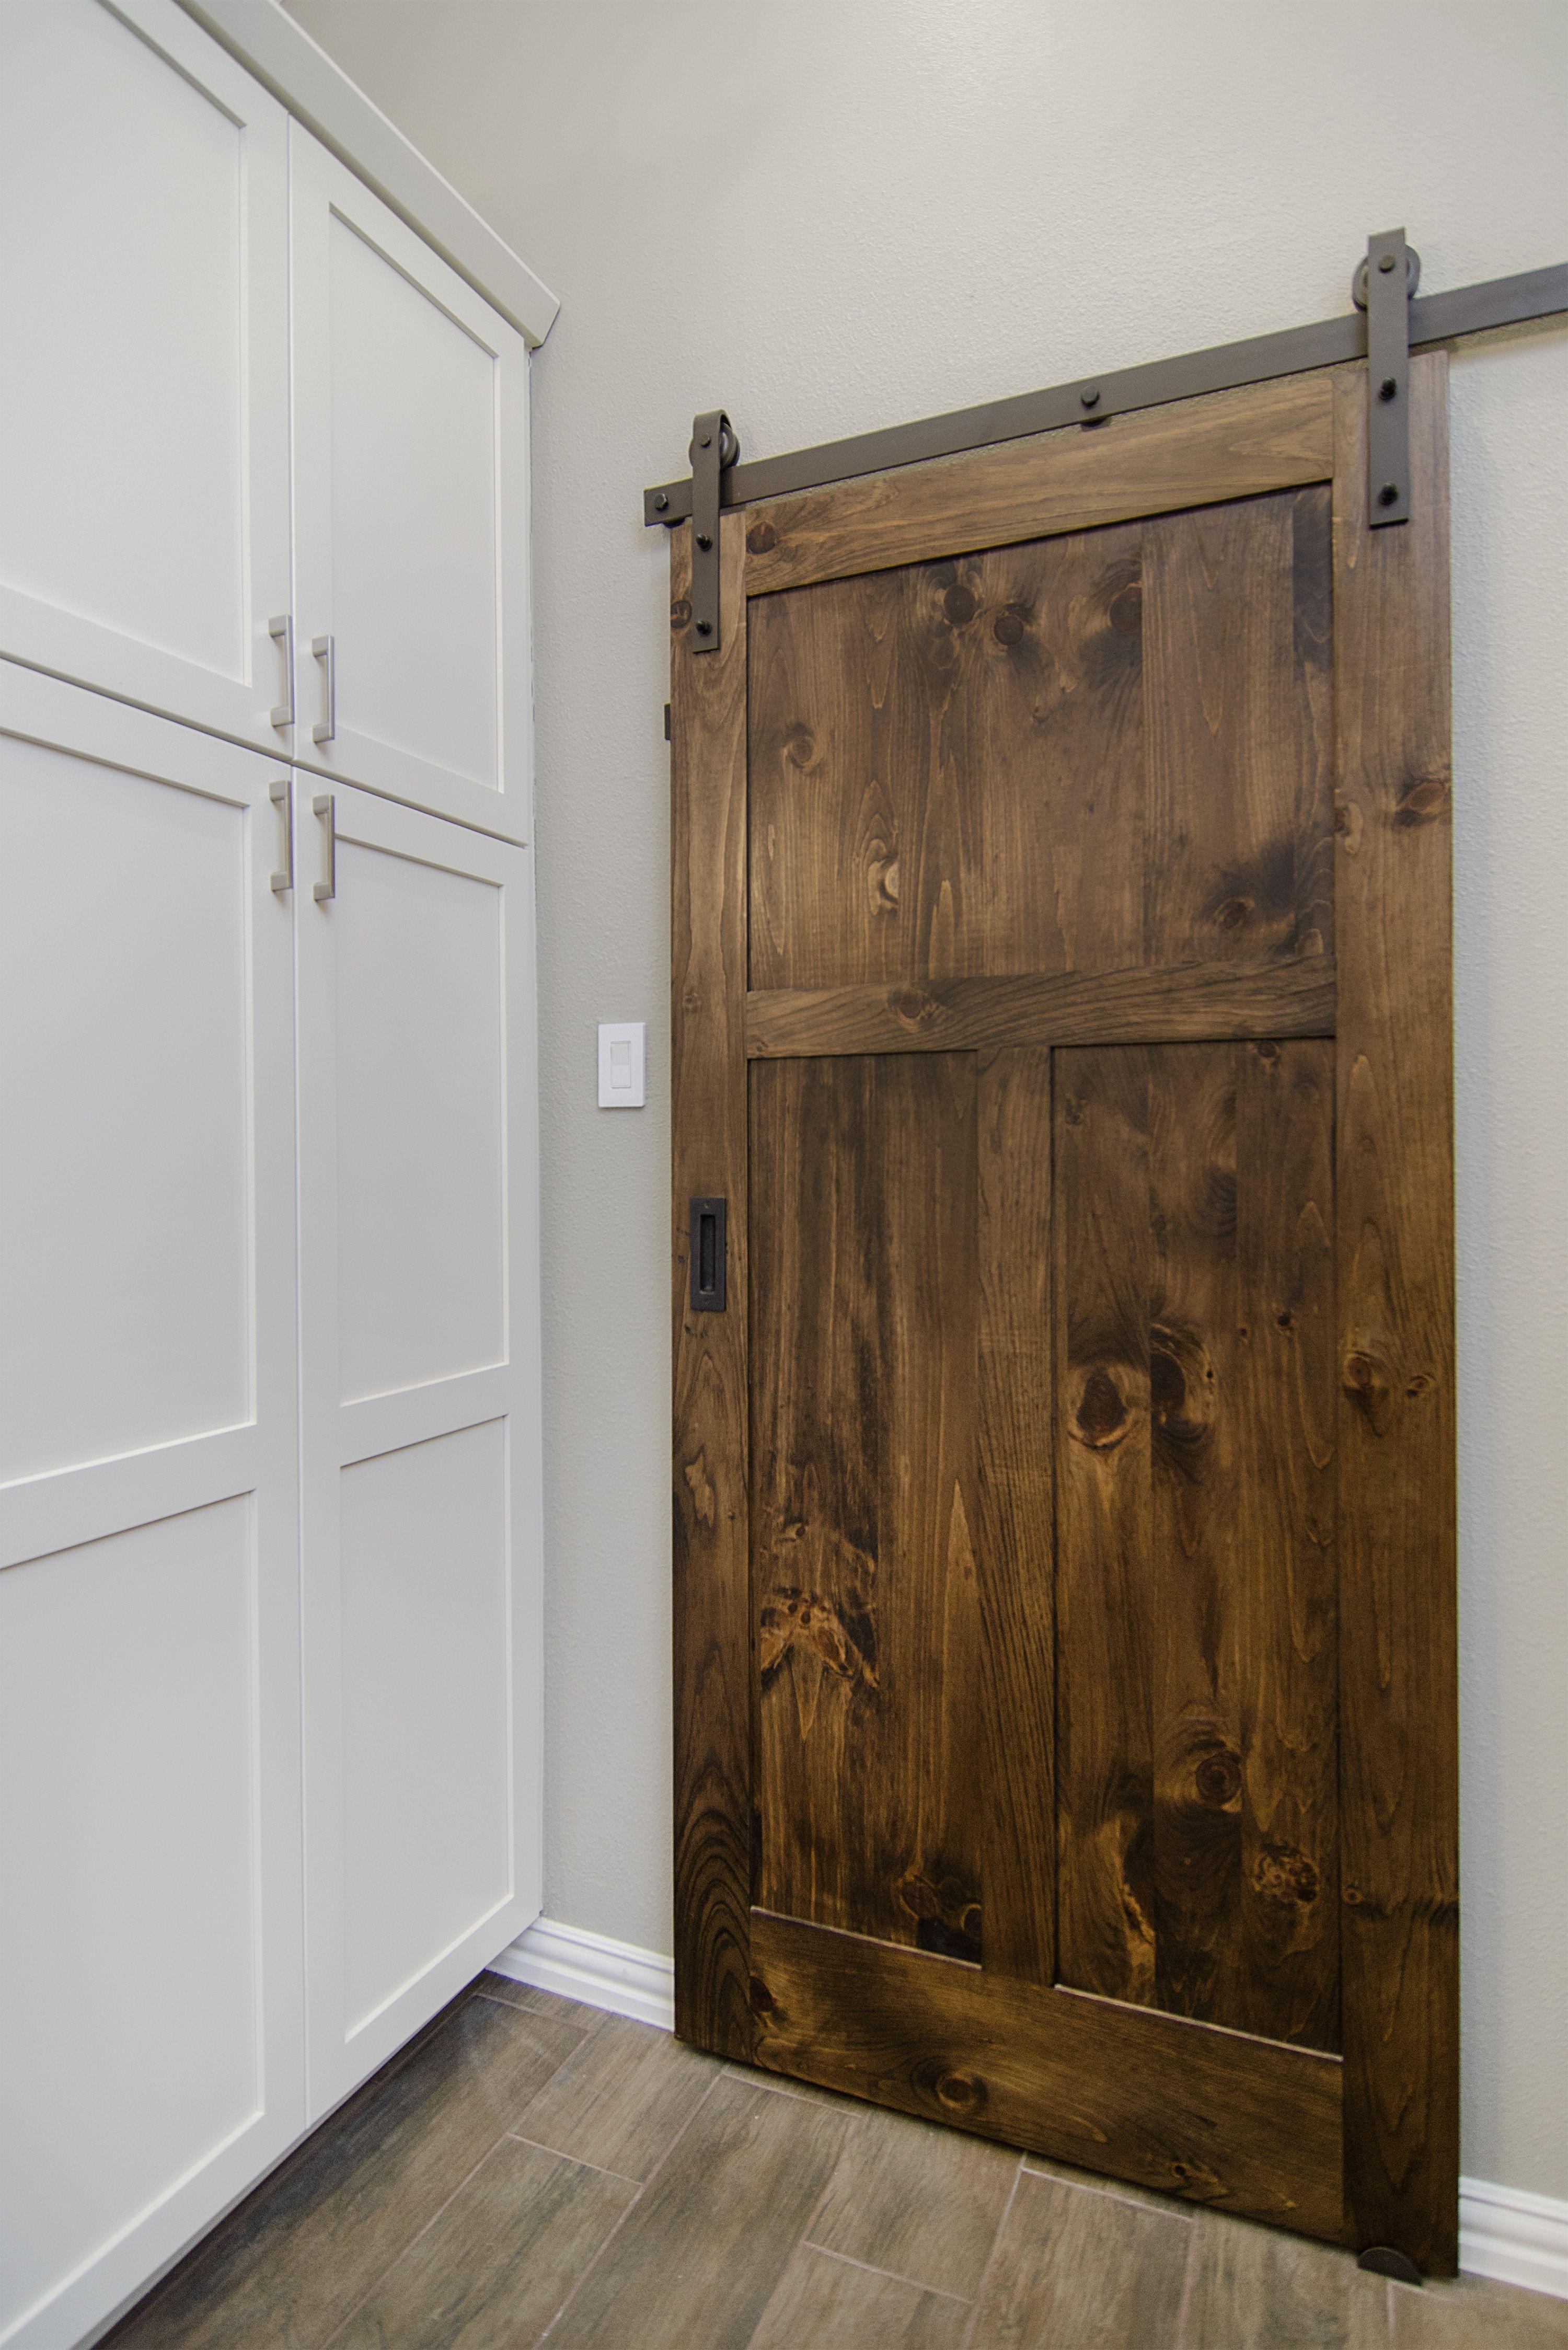 pin von maria de lourdes escobar auf puertas | pinterest | türen